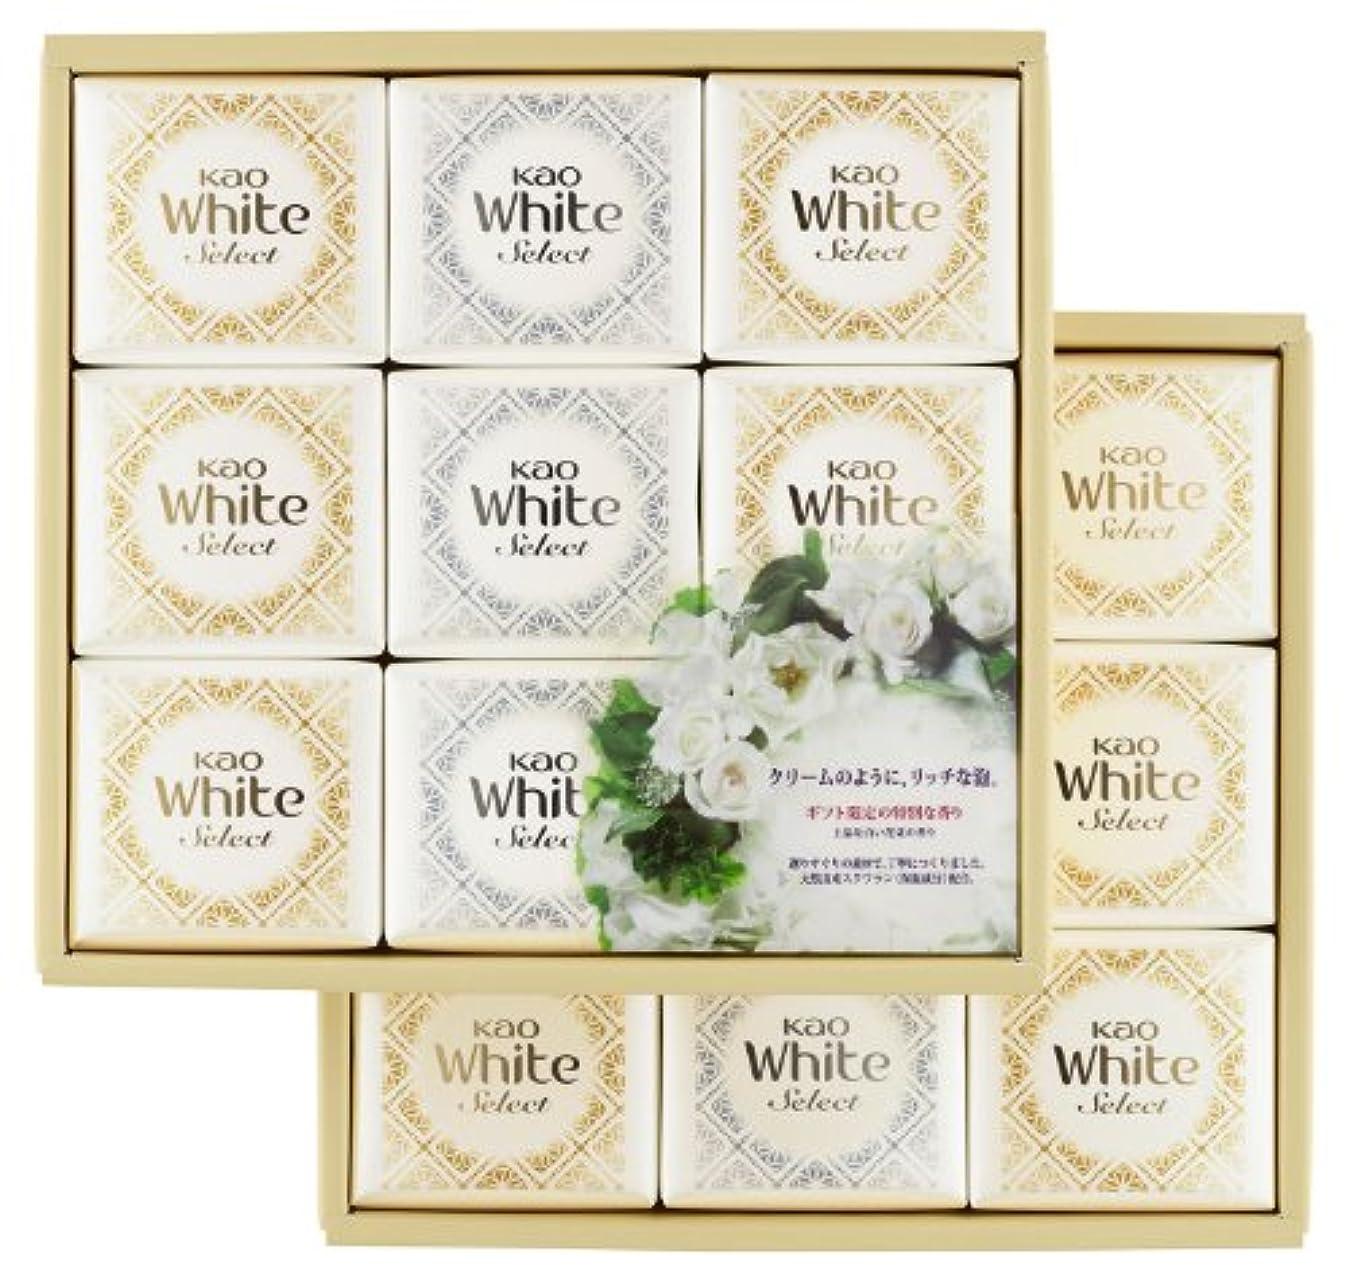 赤面回転タクシー花王ホワイト セレクト 上品な白い花束の香り 85g 18コ K?WS-30